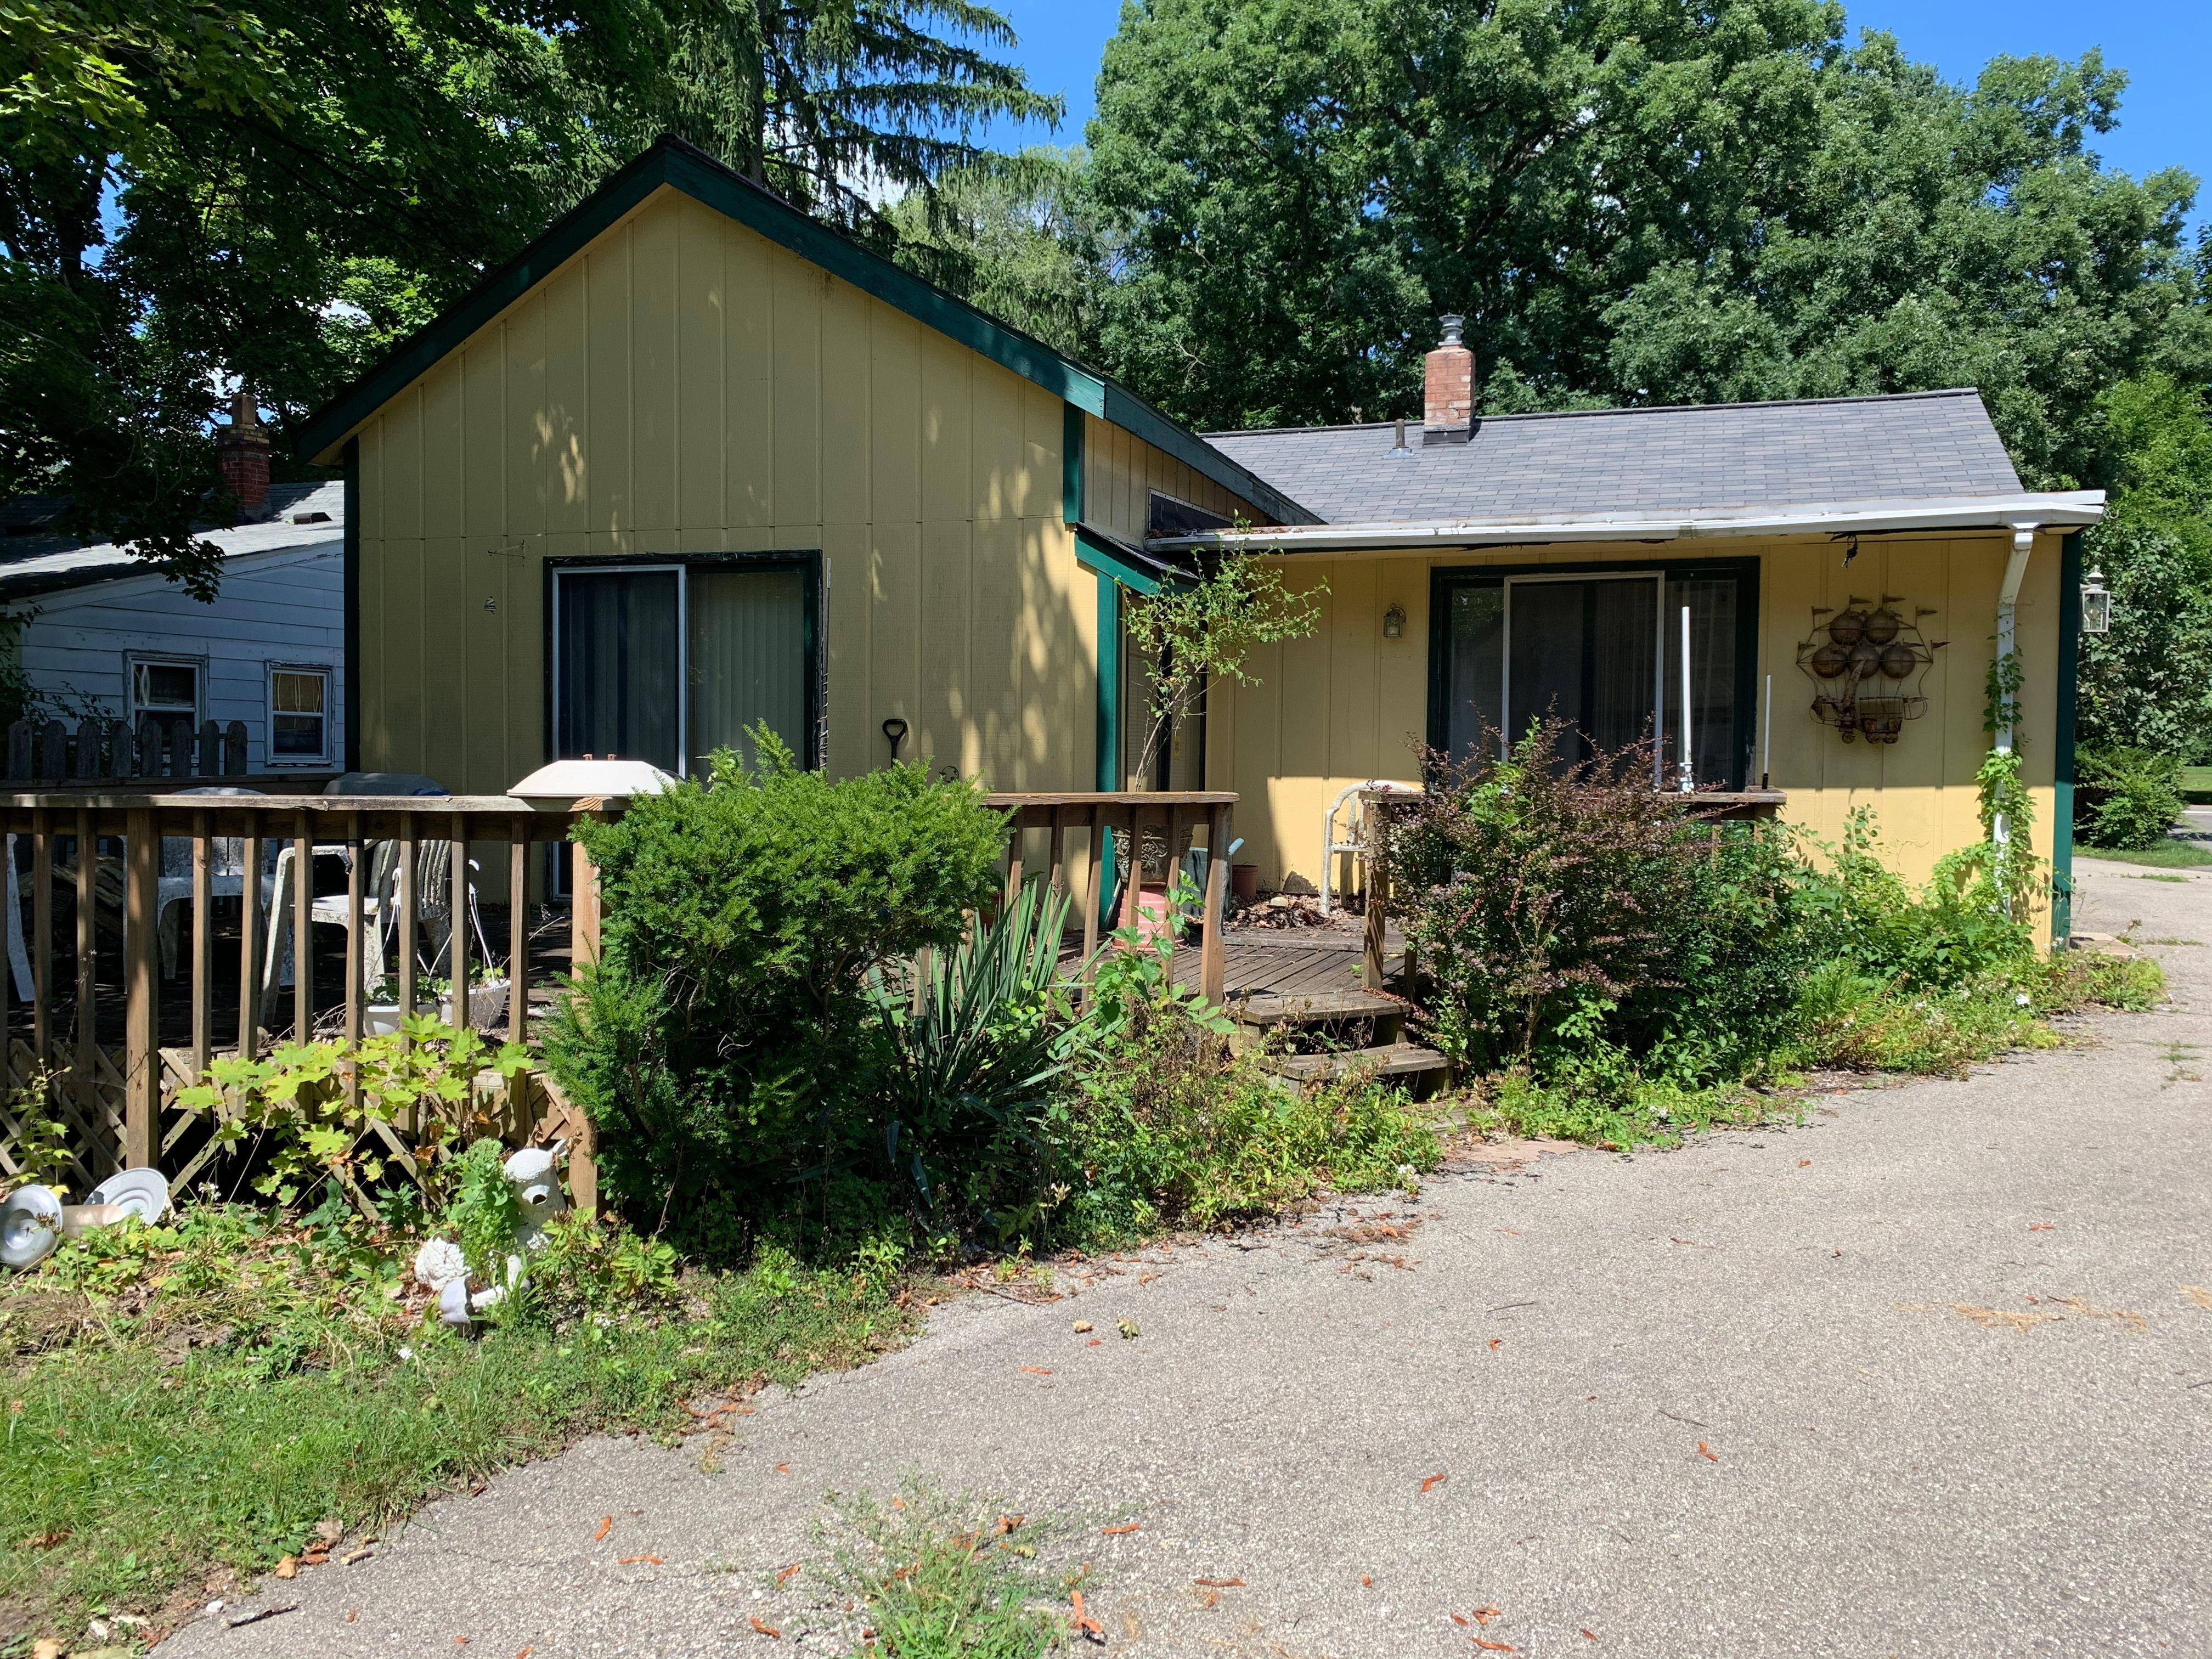 3565 Watkins Lake Rd (Image - 2)